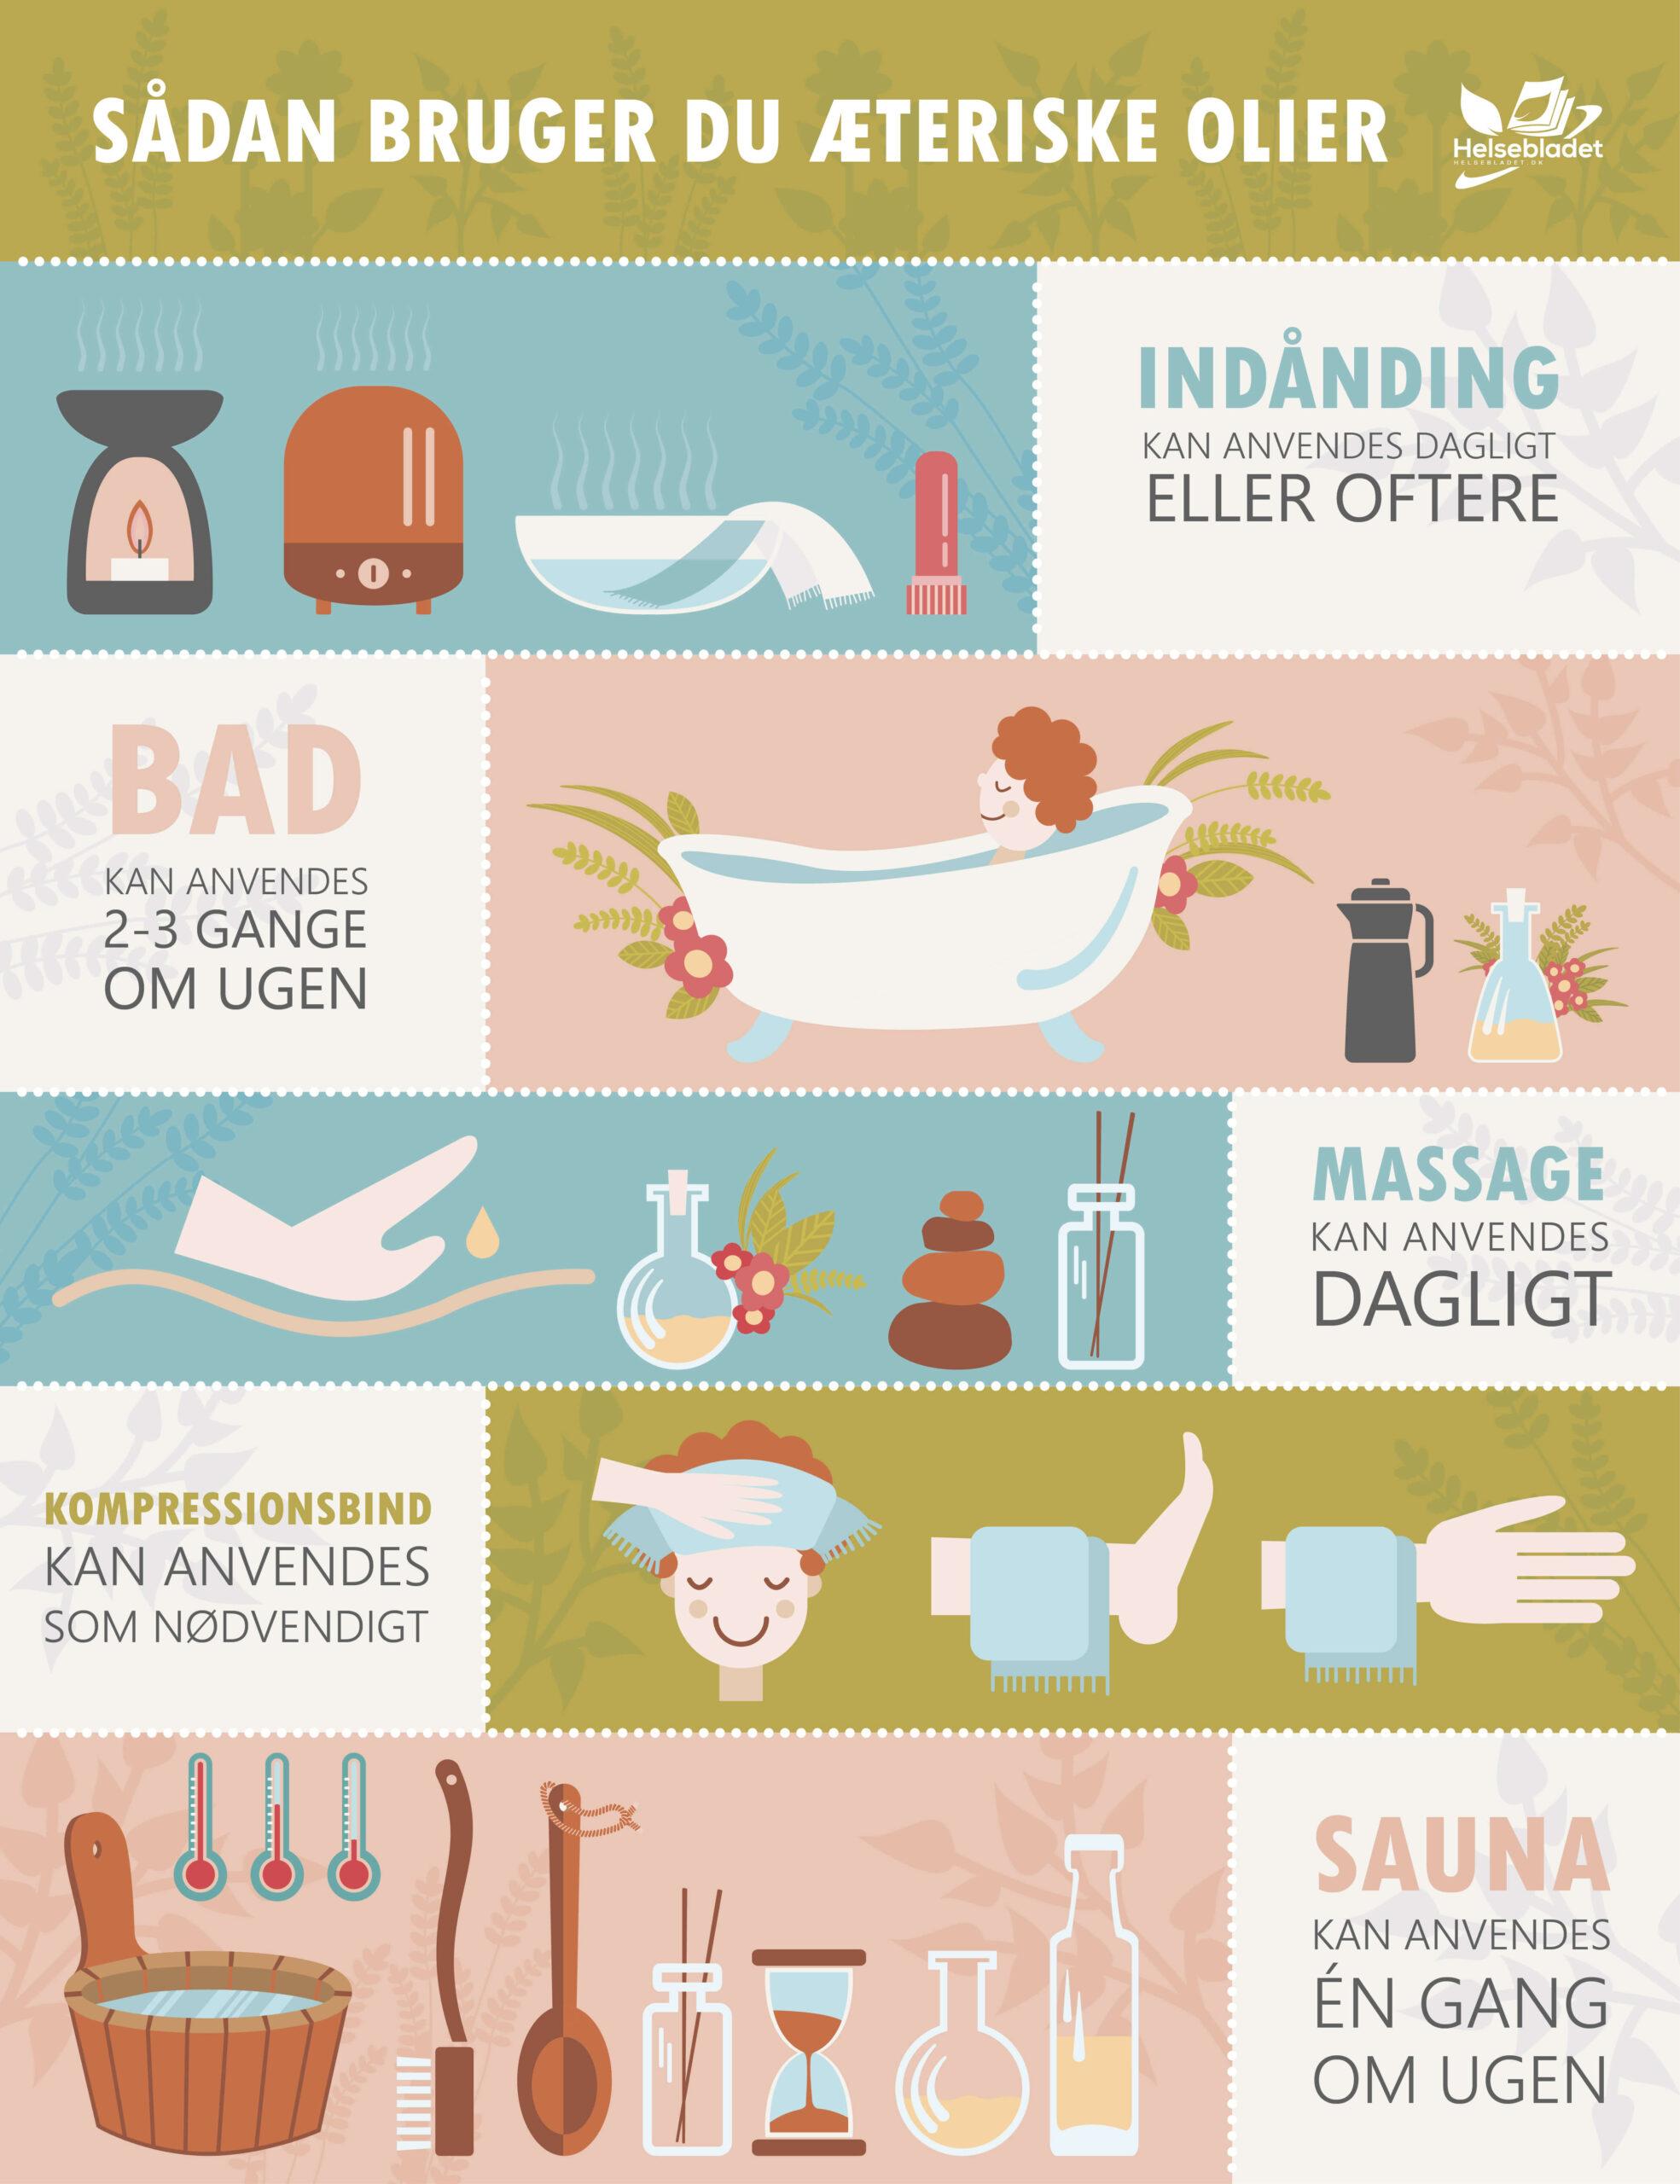 Infografik - Sådan bruger du æteriske oliler til aromaterapi - web